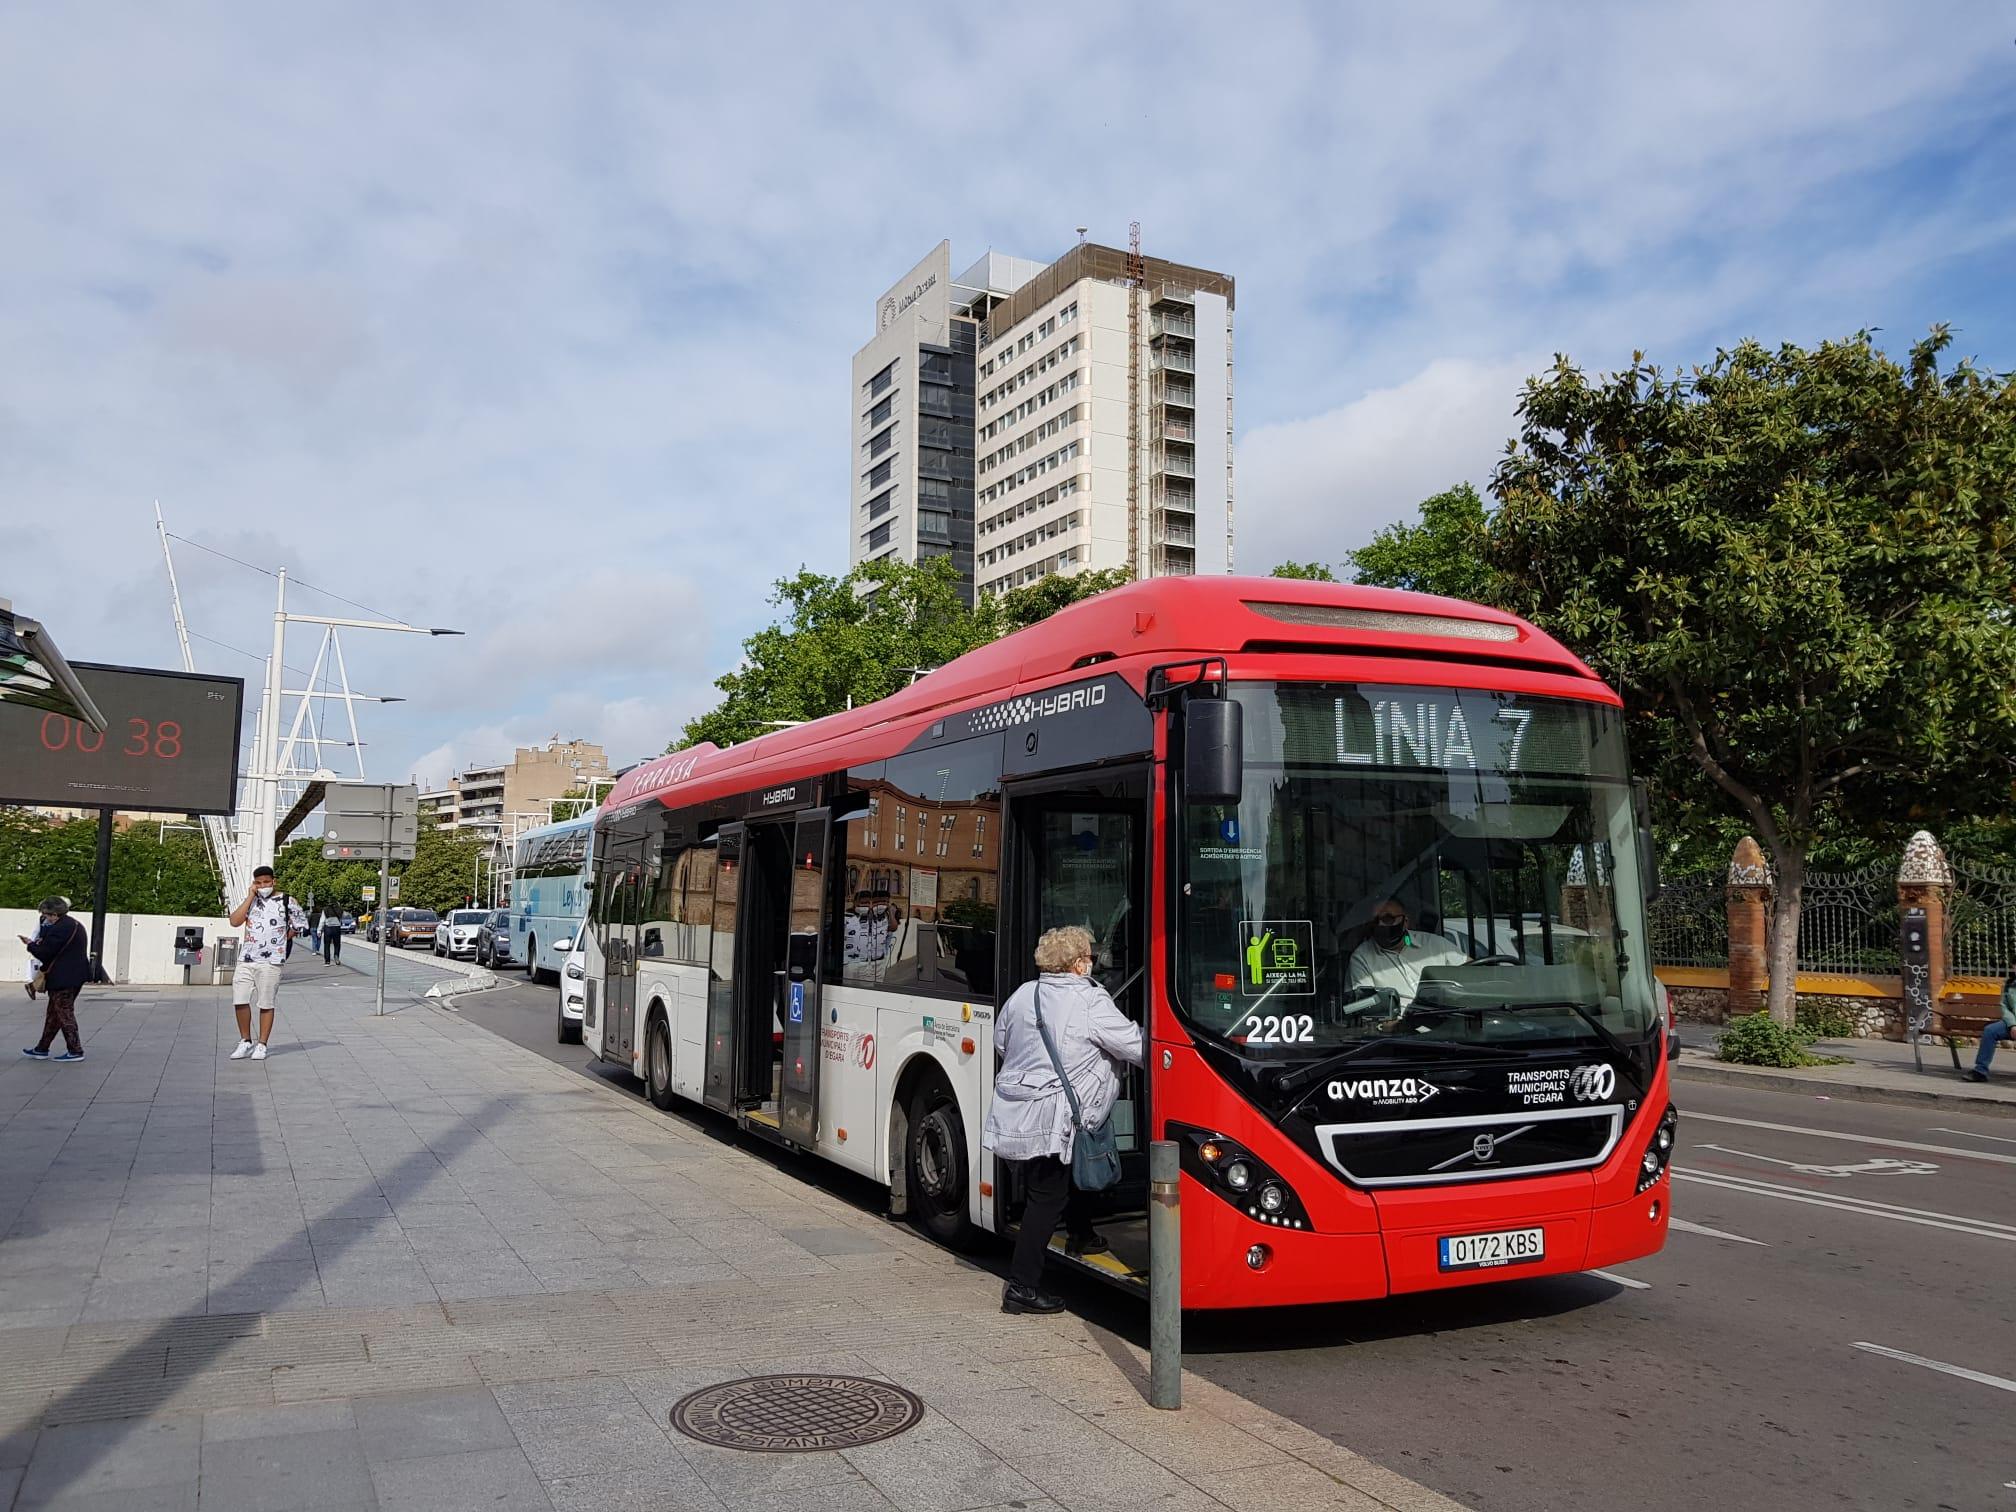 Autobús de TMESA a l'avinguda Jacquard | Lluïsa Tarrida